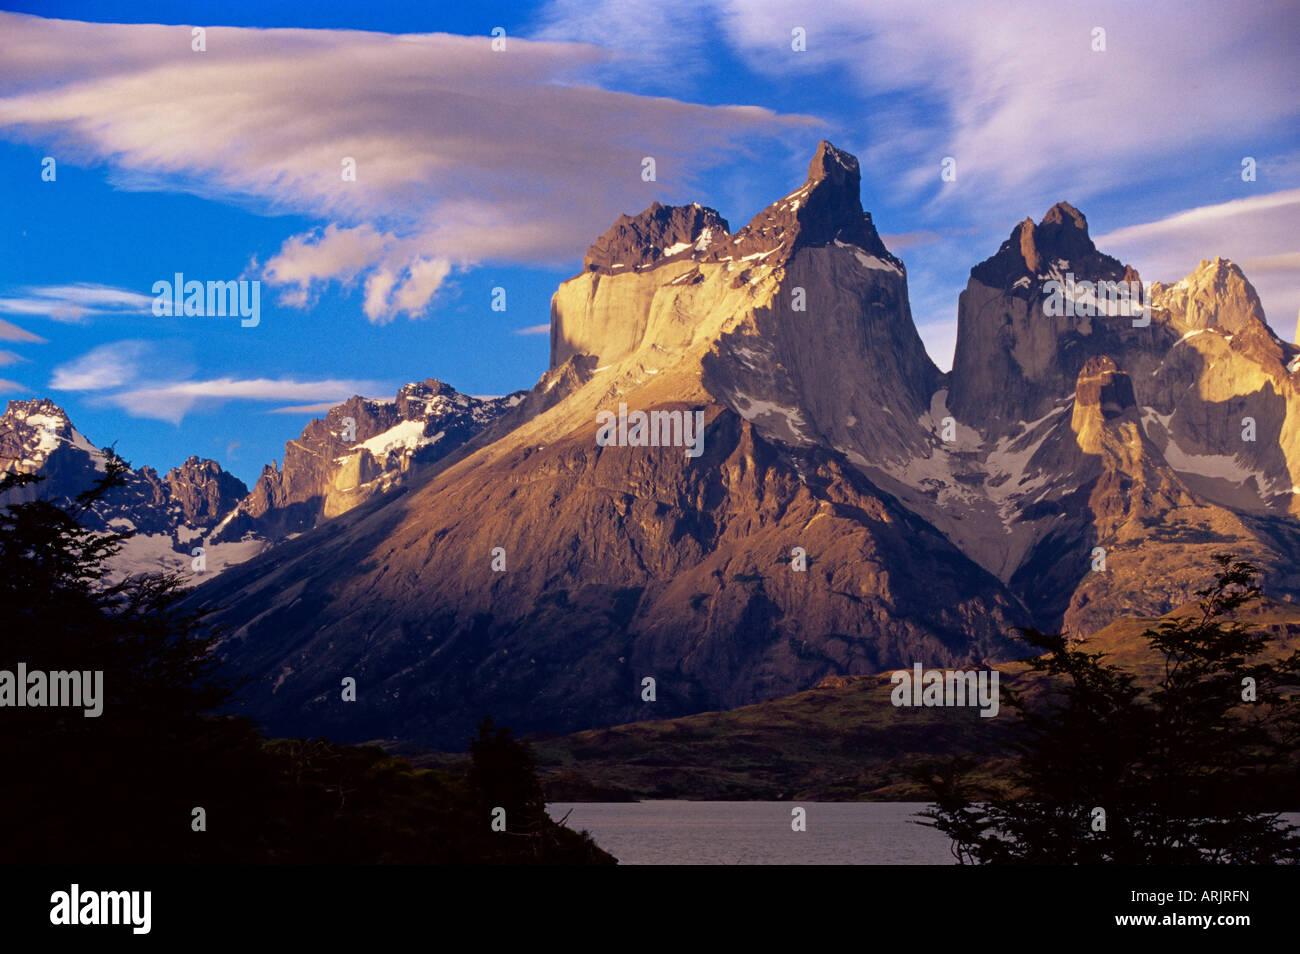 Cuernos Del Paine (Horns Of Paine), Torres Del Paine